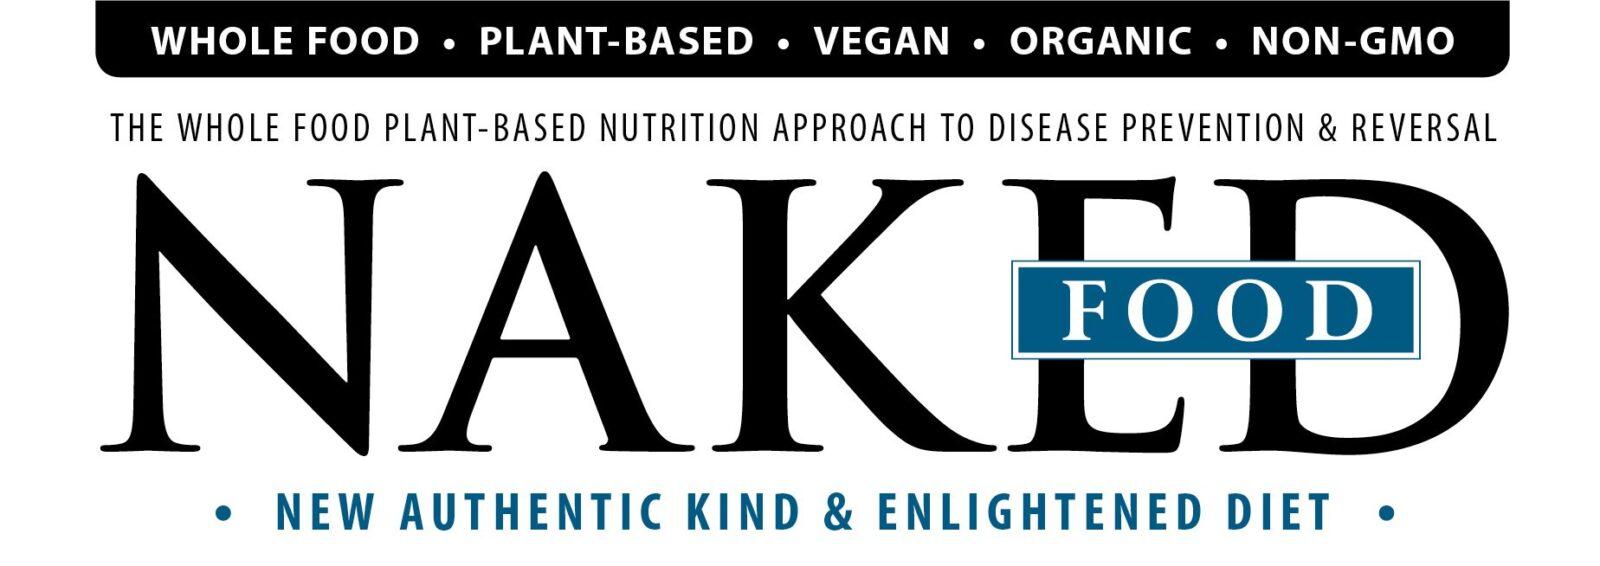 WFPB.ORG Alliance | Naked Food Magazine